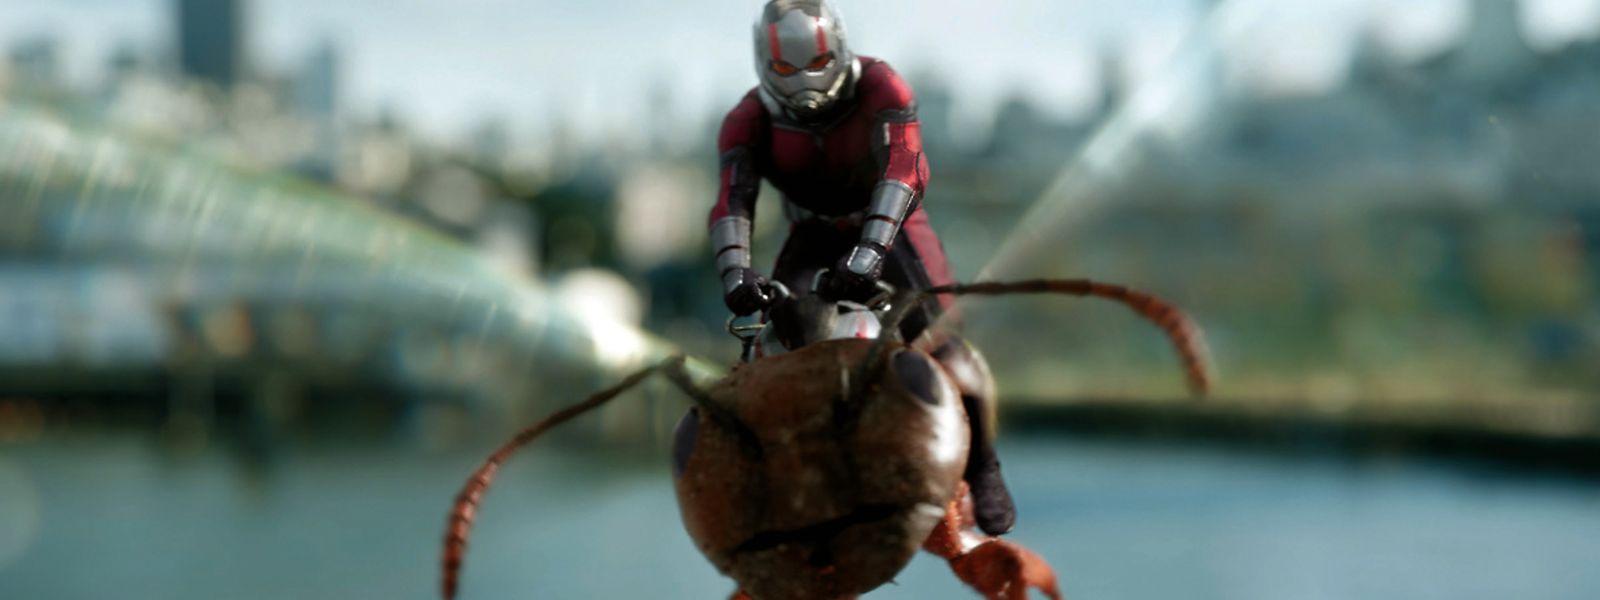 Schauspieler Paul Rudd ist wieder als Ant-Man im zweiten Teil der Marvel-Produktion zu sehen